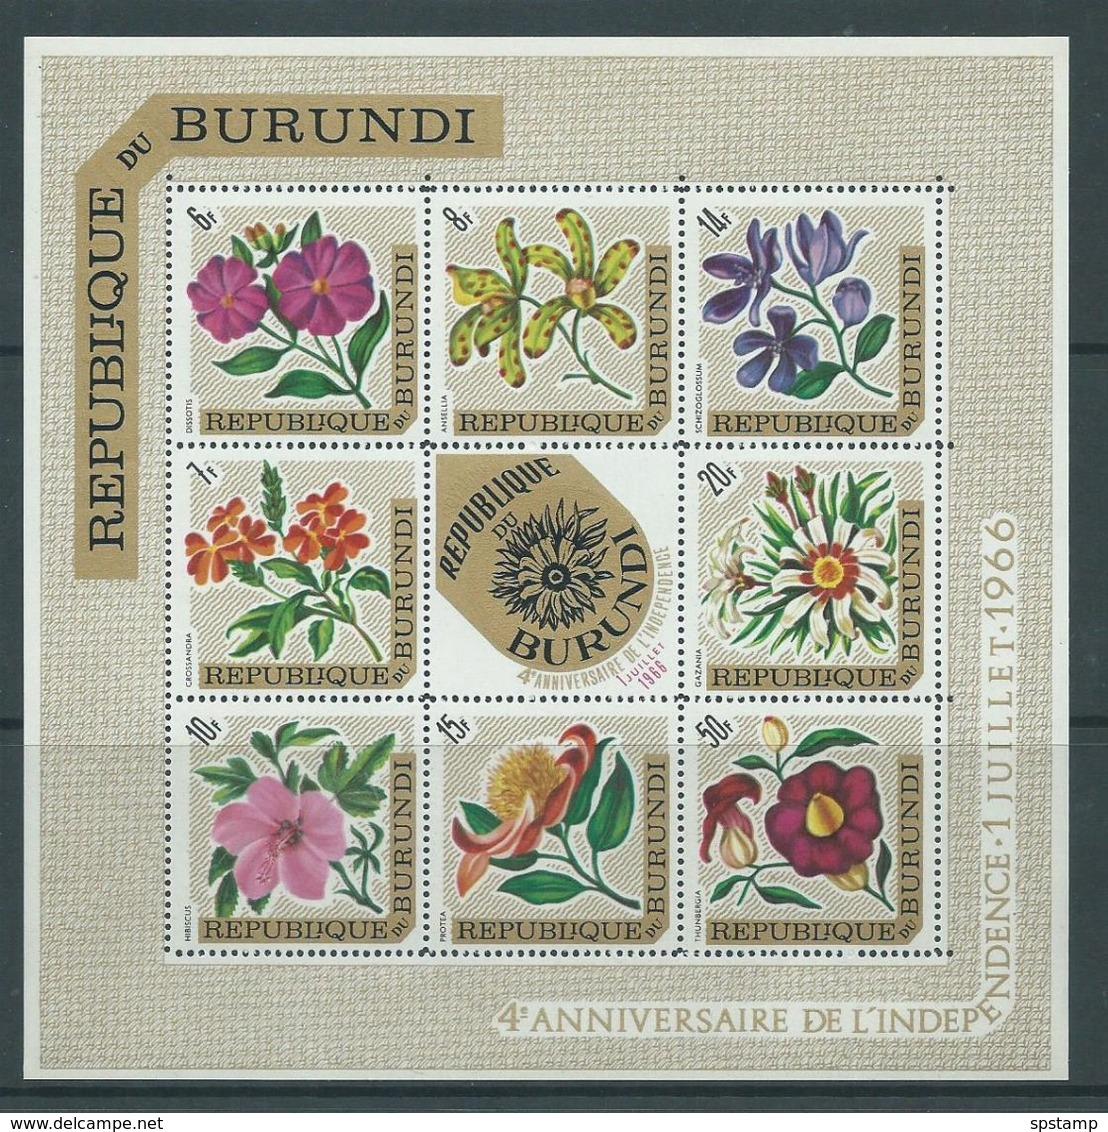 Burundi 1966 Republic Overprints On Flower Airs Sheet Of 8 , Floral Centre Type MNH - Burundi